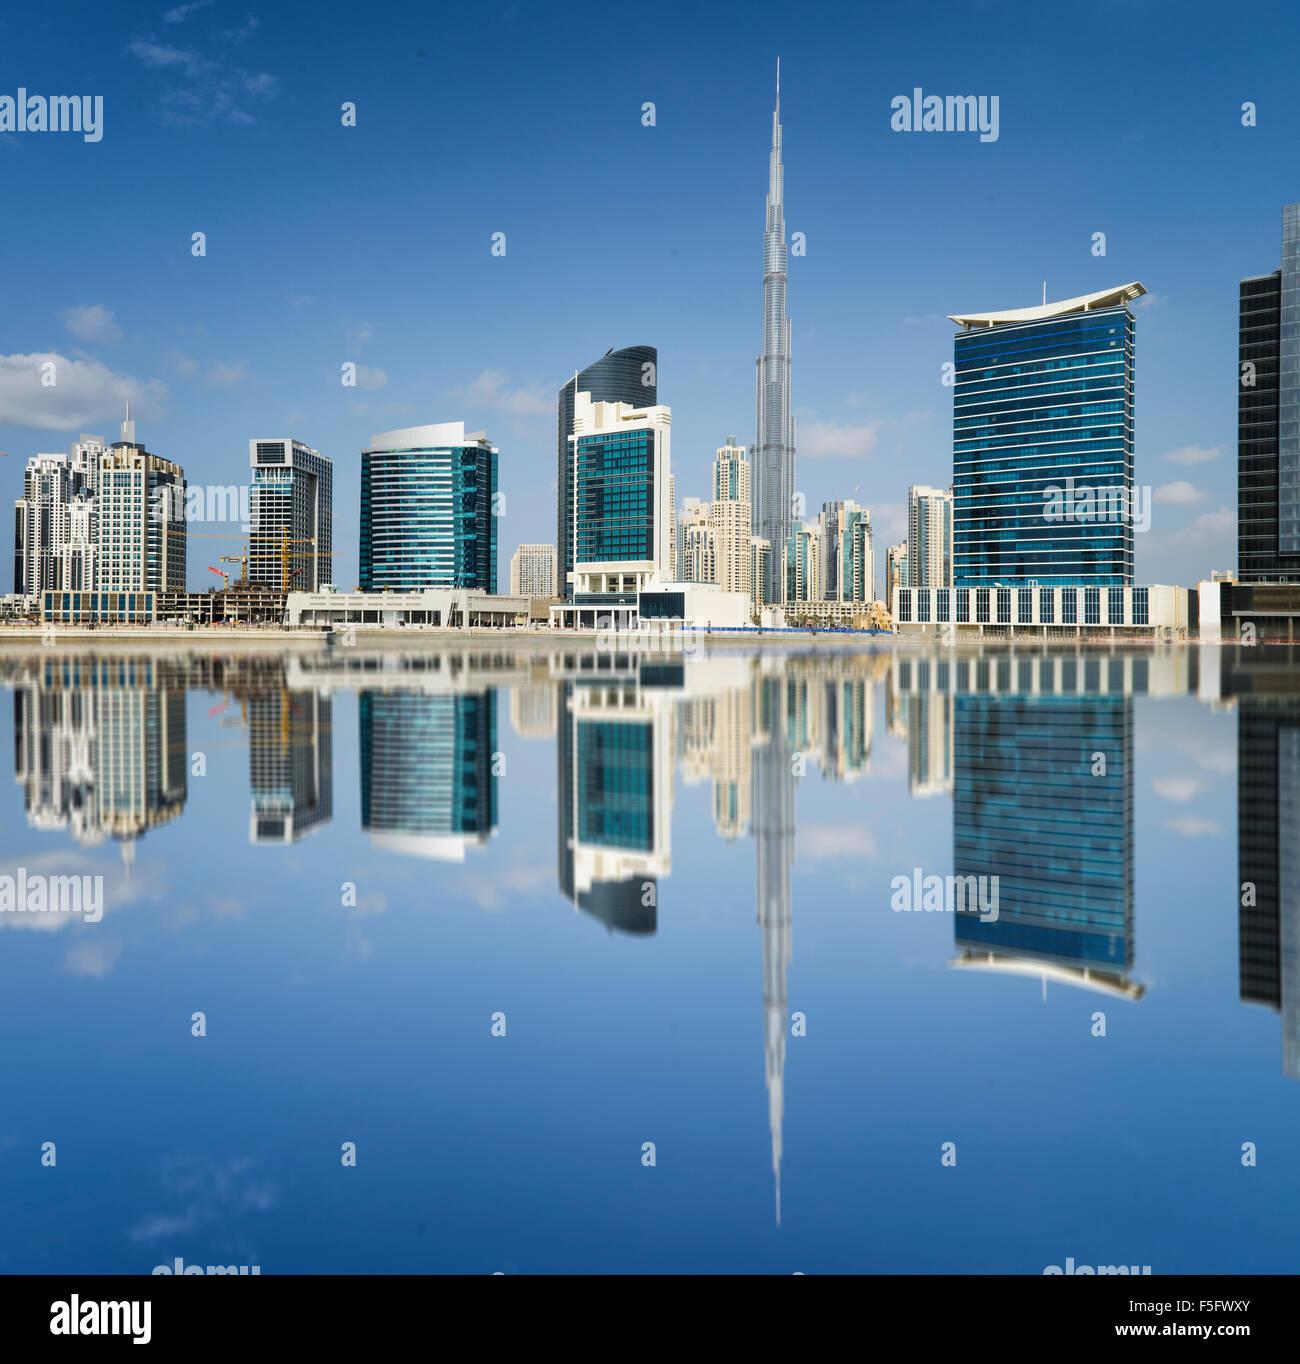 Dubai skyline, United Arab Emirates - Stock Image